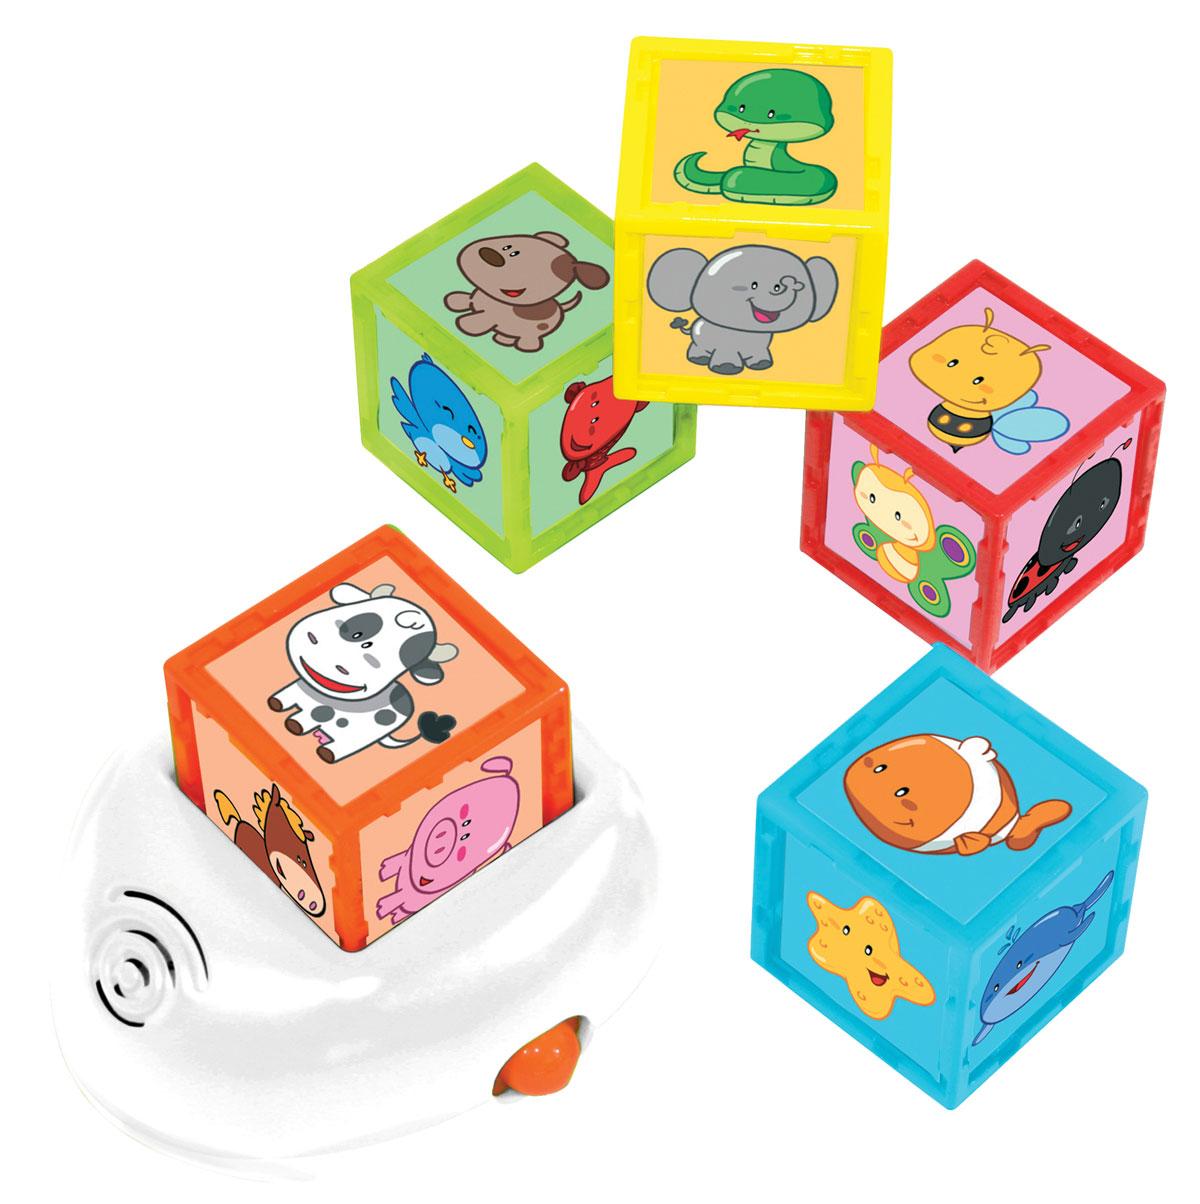 Развивающая музыкальная игрушка Kidz Delight Кубики с животными 1toy 1toy обучающие кубики кубики с животными